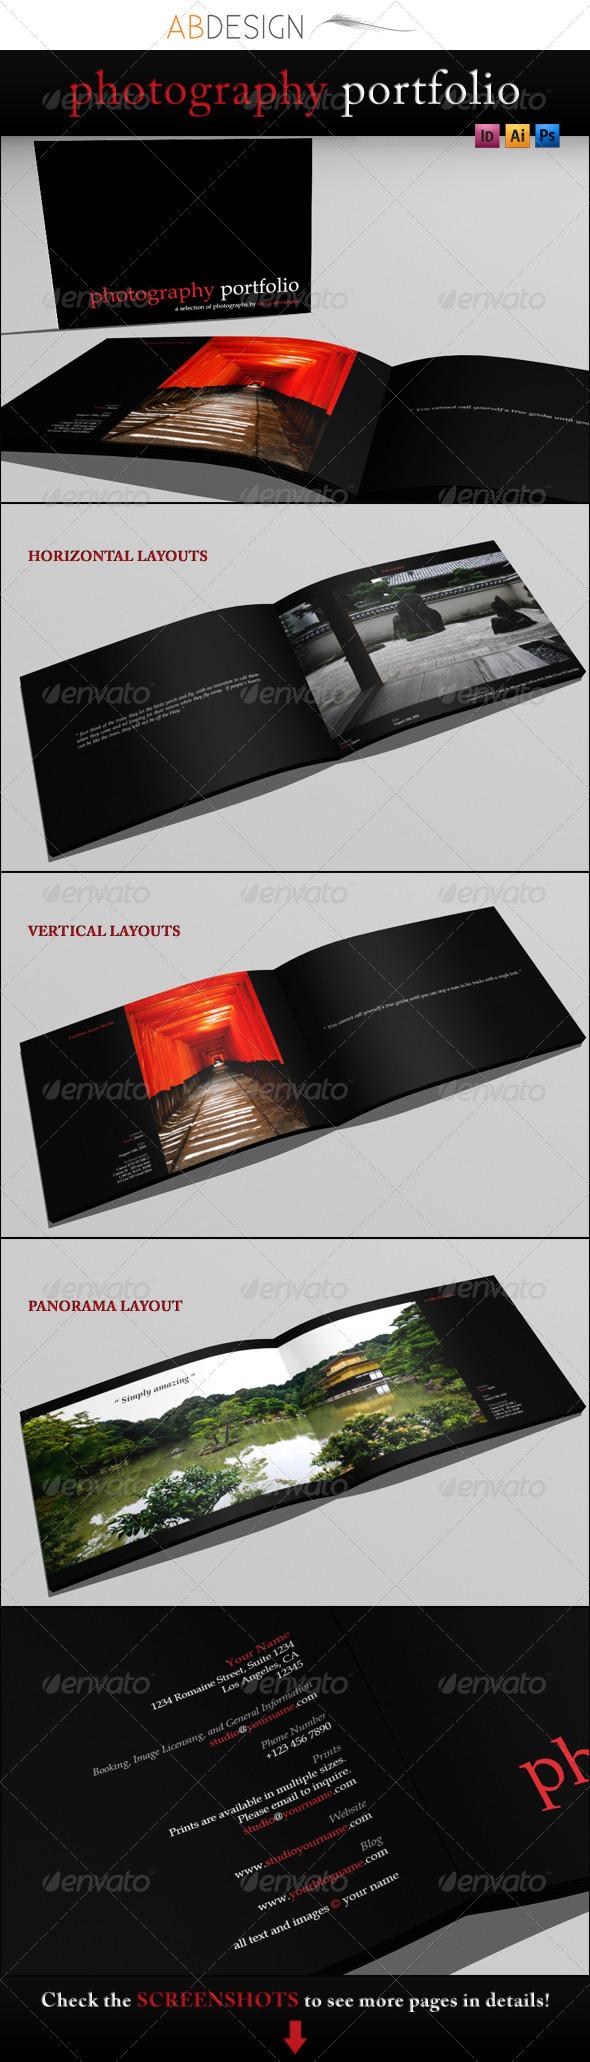 GraphicRiver A4 Photography Portfolio 164797